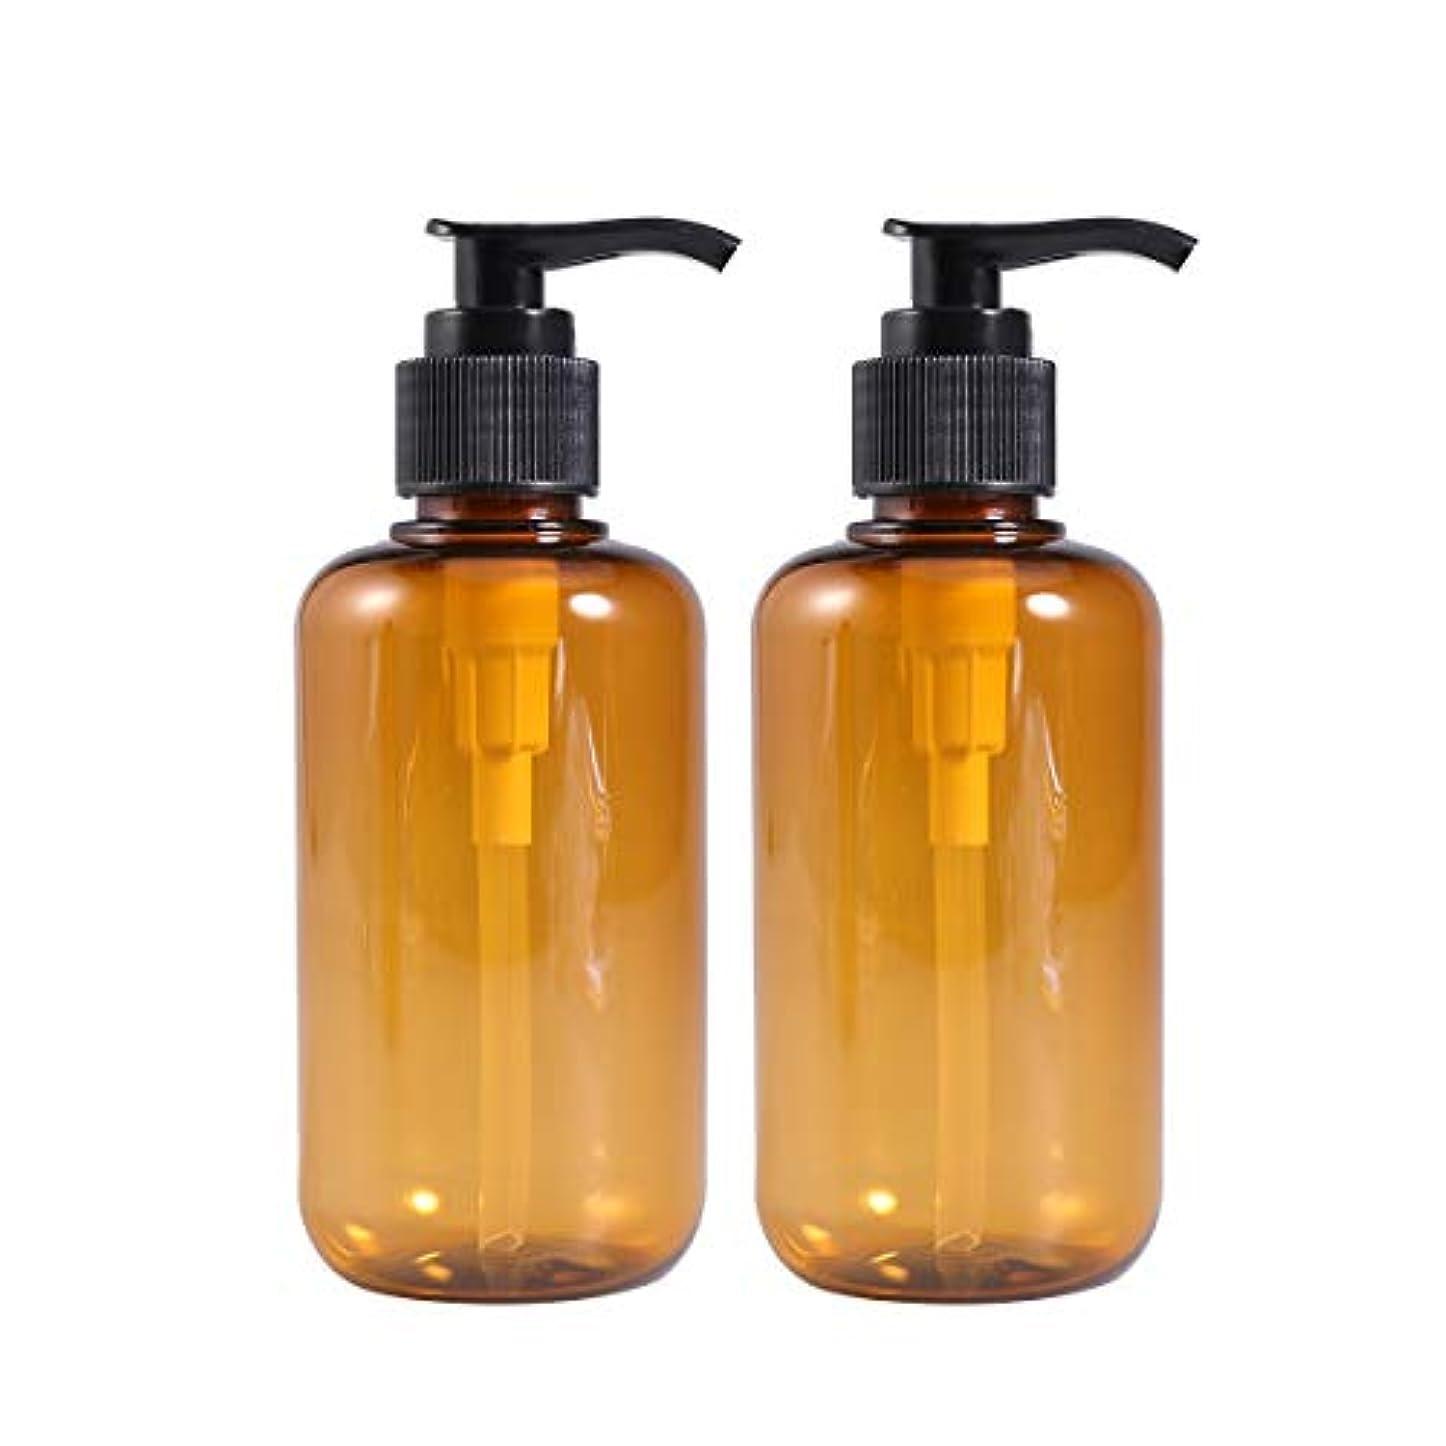 Frcolor ポンプ瓶 ポンプボトル 200ml 遮光瓶 ドロップポンプ 詰め替えボトル シャンプーハンドソープ 茶色 PET製 2本セット